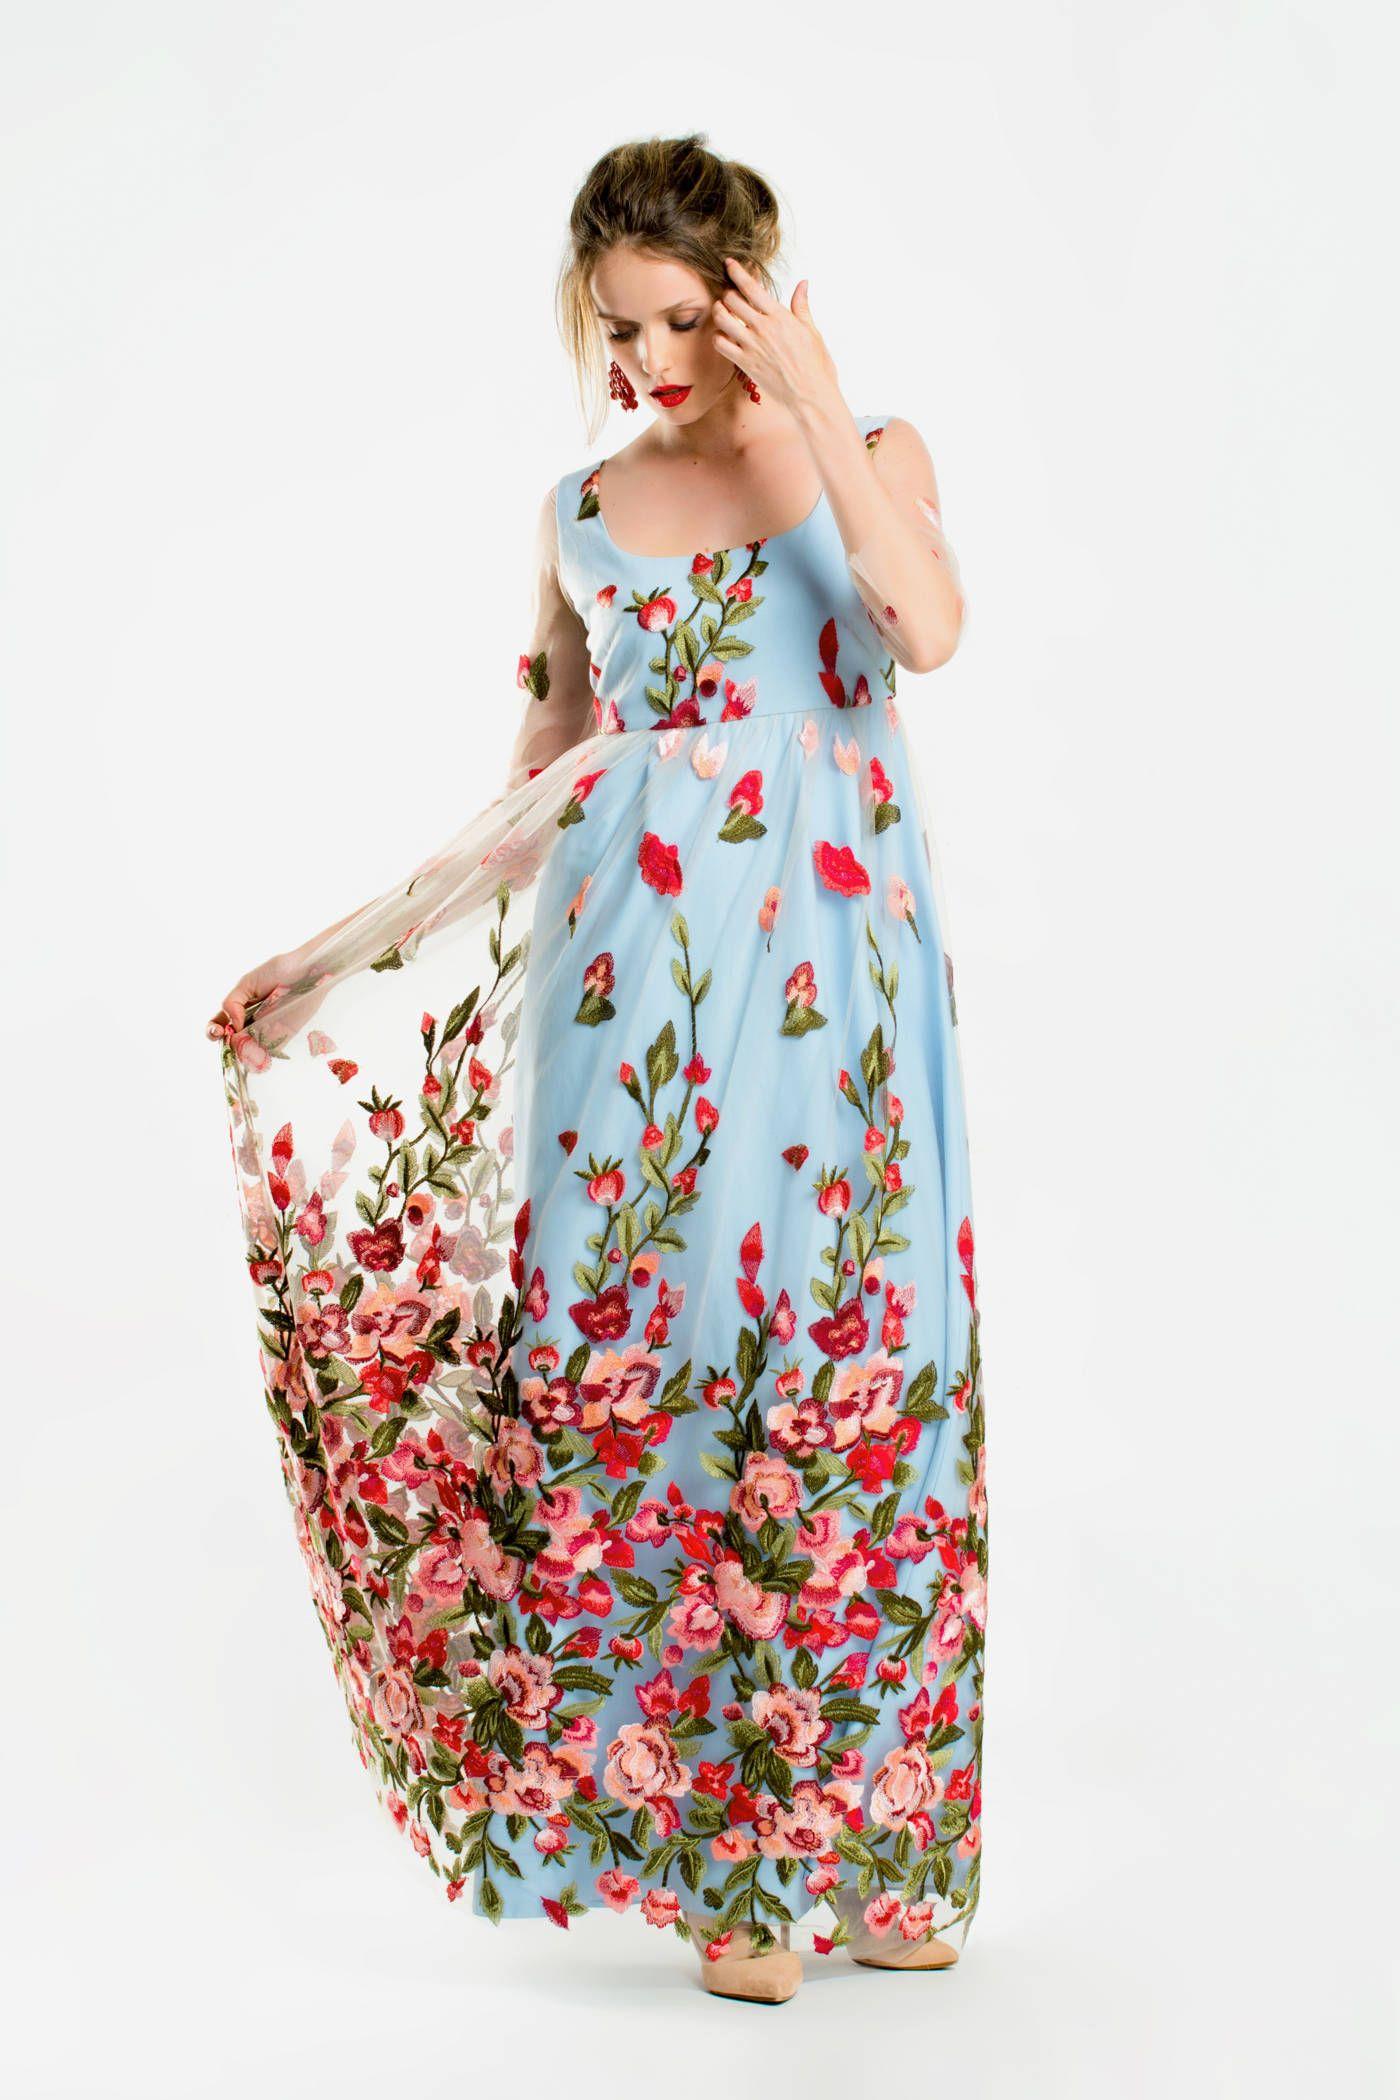 6511c4ab6 Vestido largo de tul bordado con flores a modo de sobrevestido ...